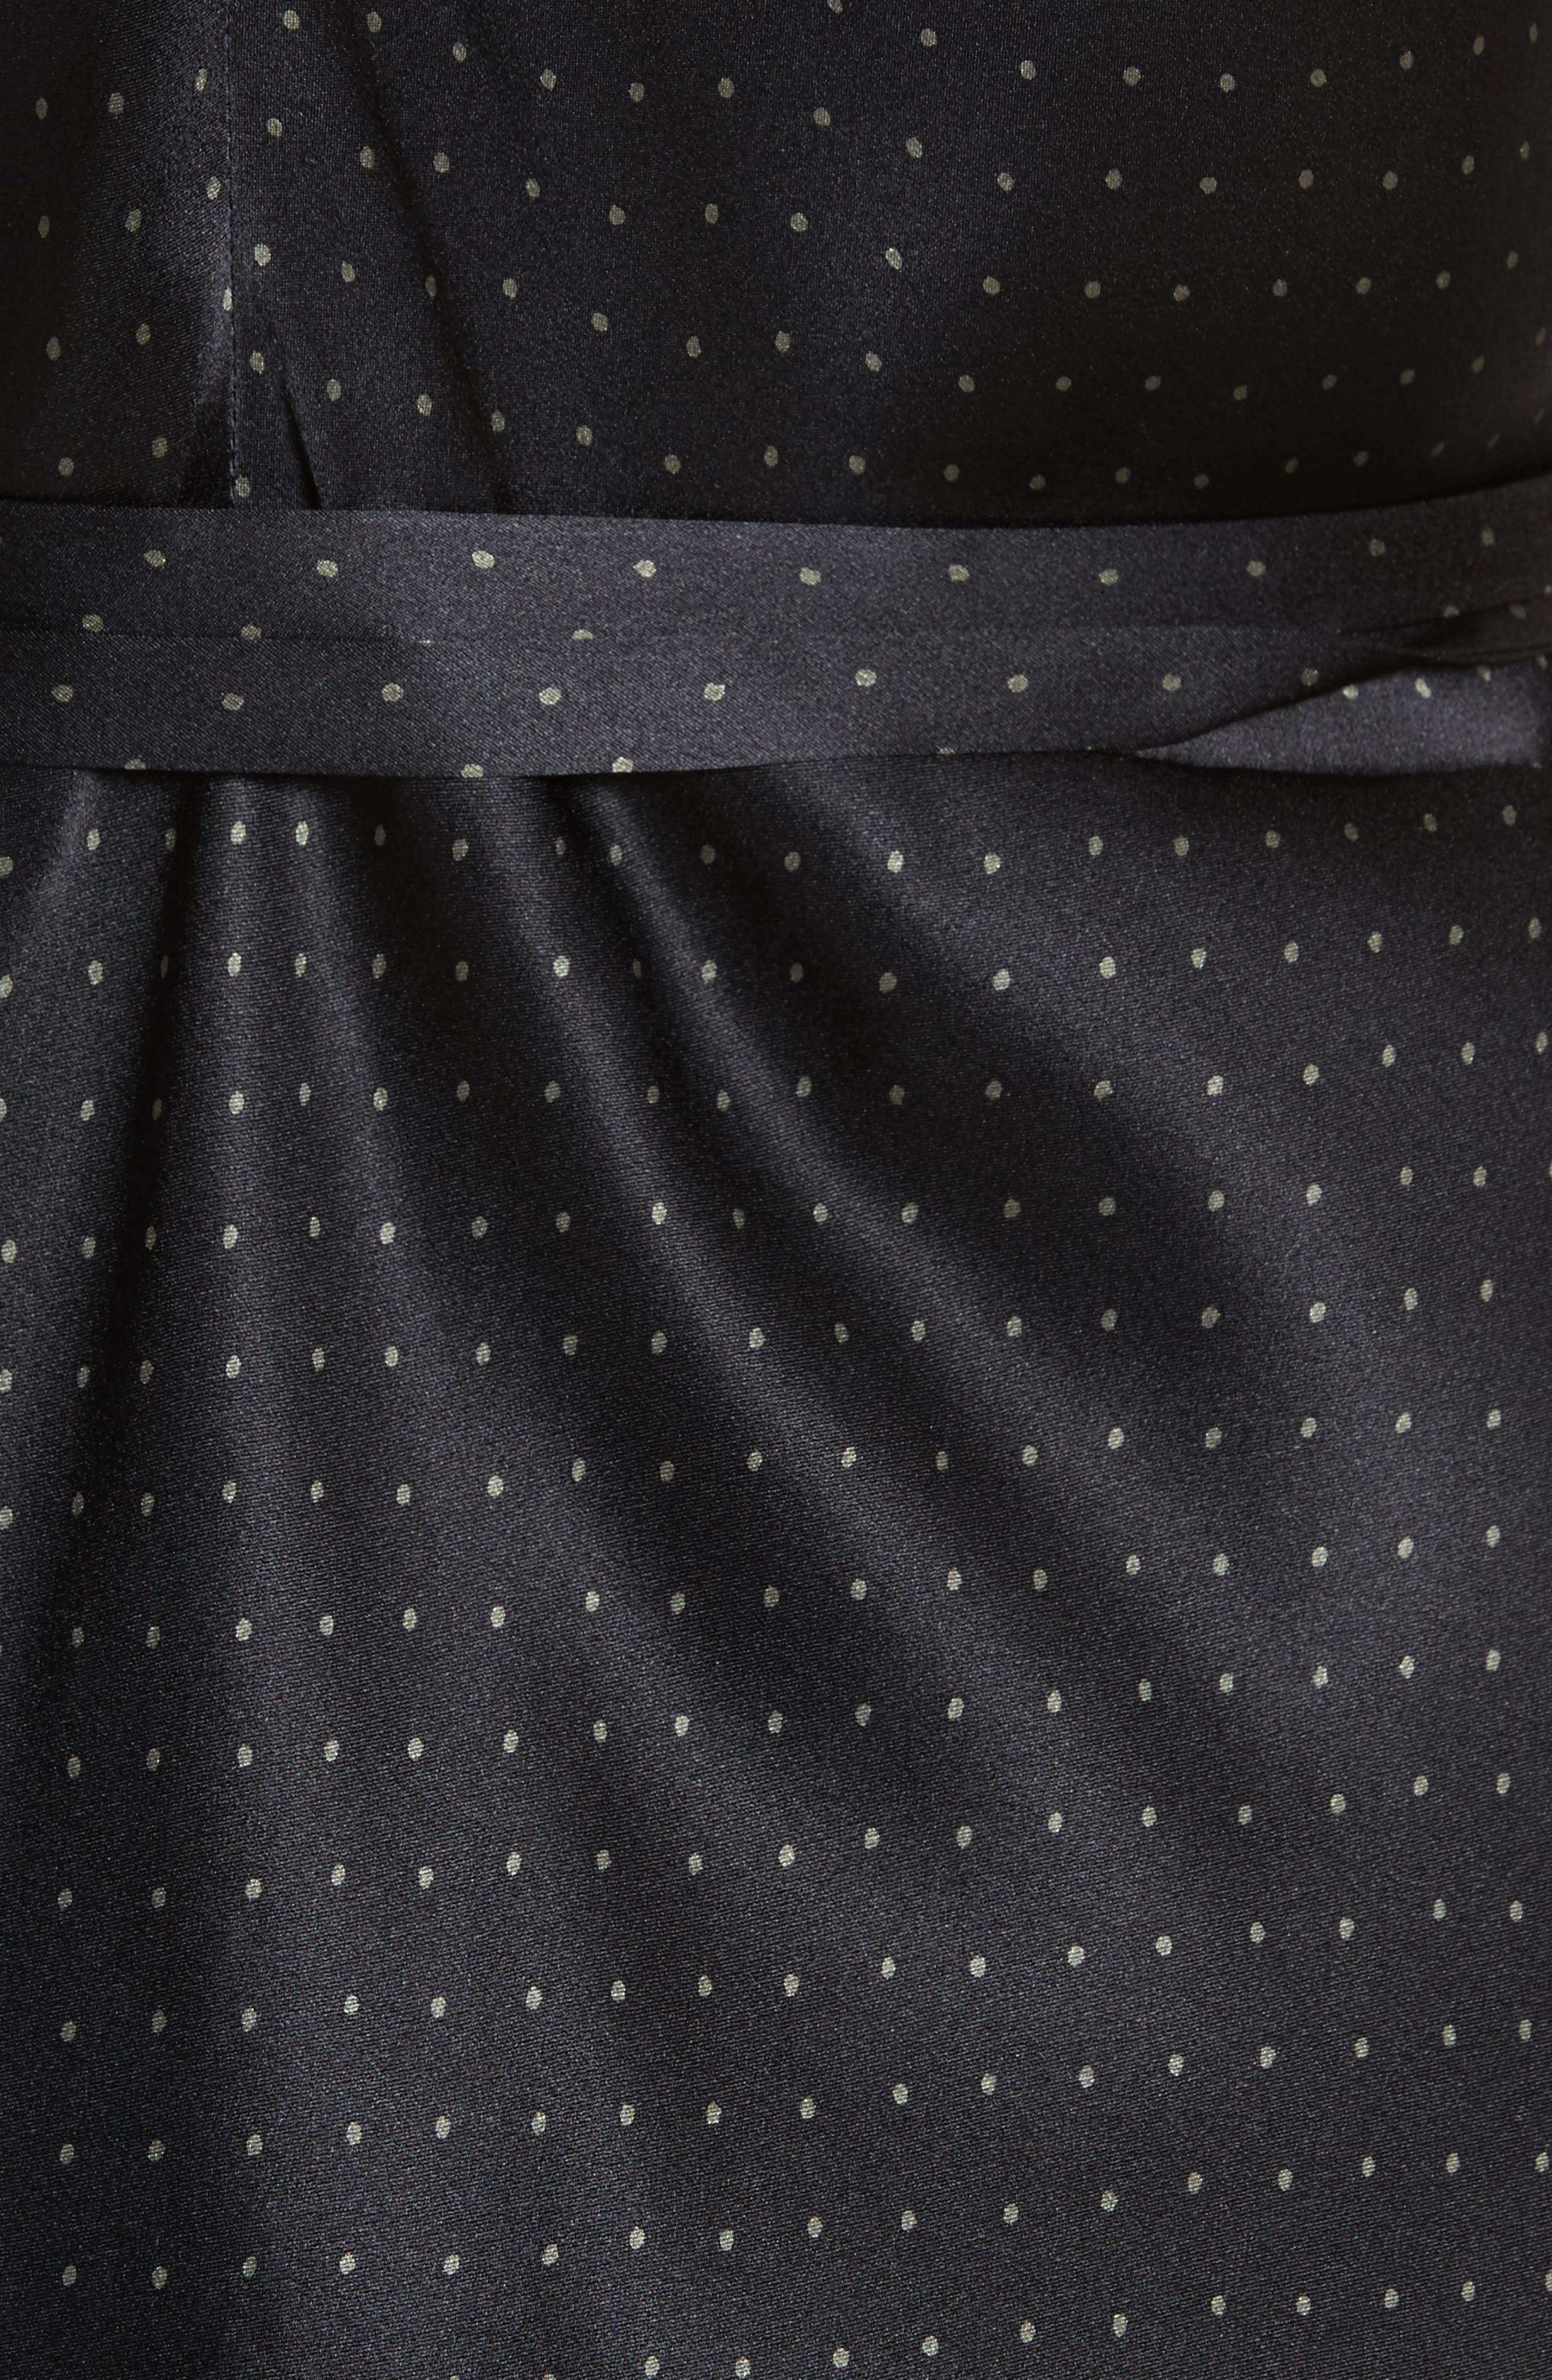 Vintage Polka Dot Faux Wrap Silk Dress,                             Alternate thumbnail 6, color,                             002